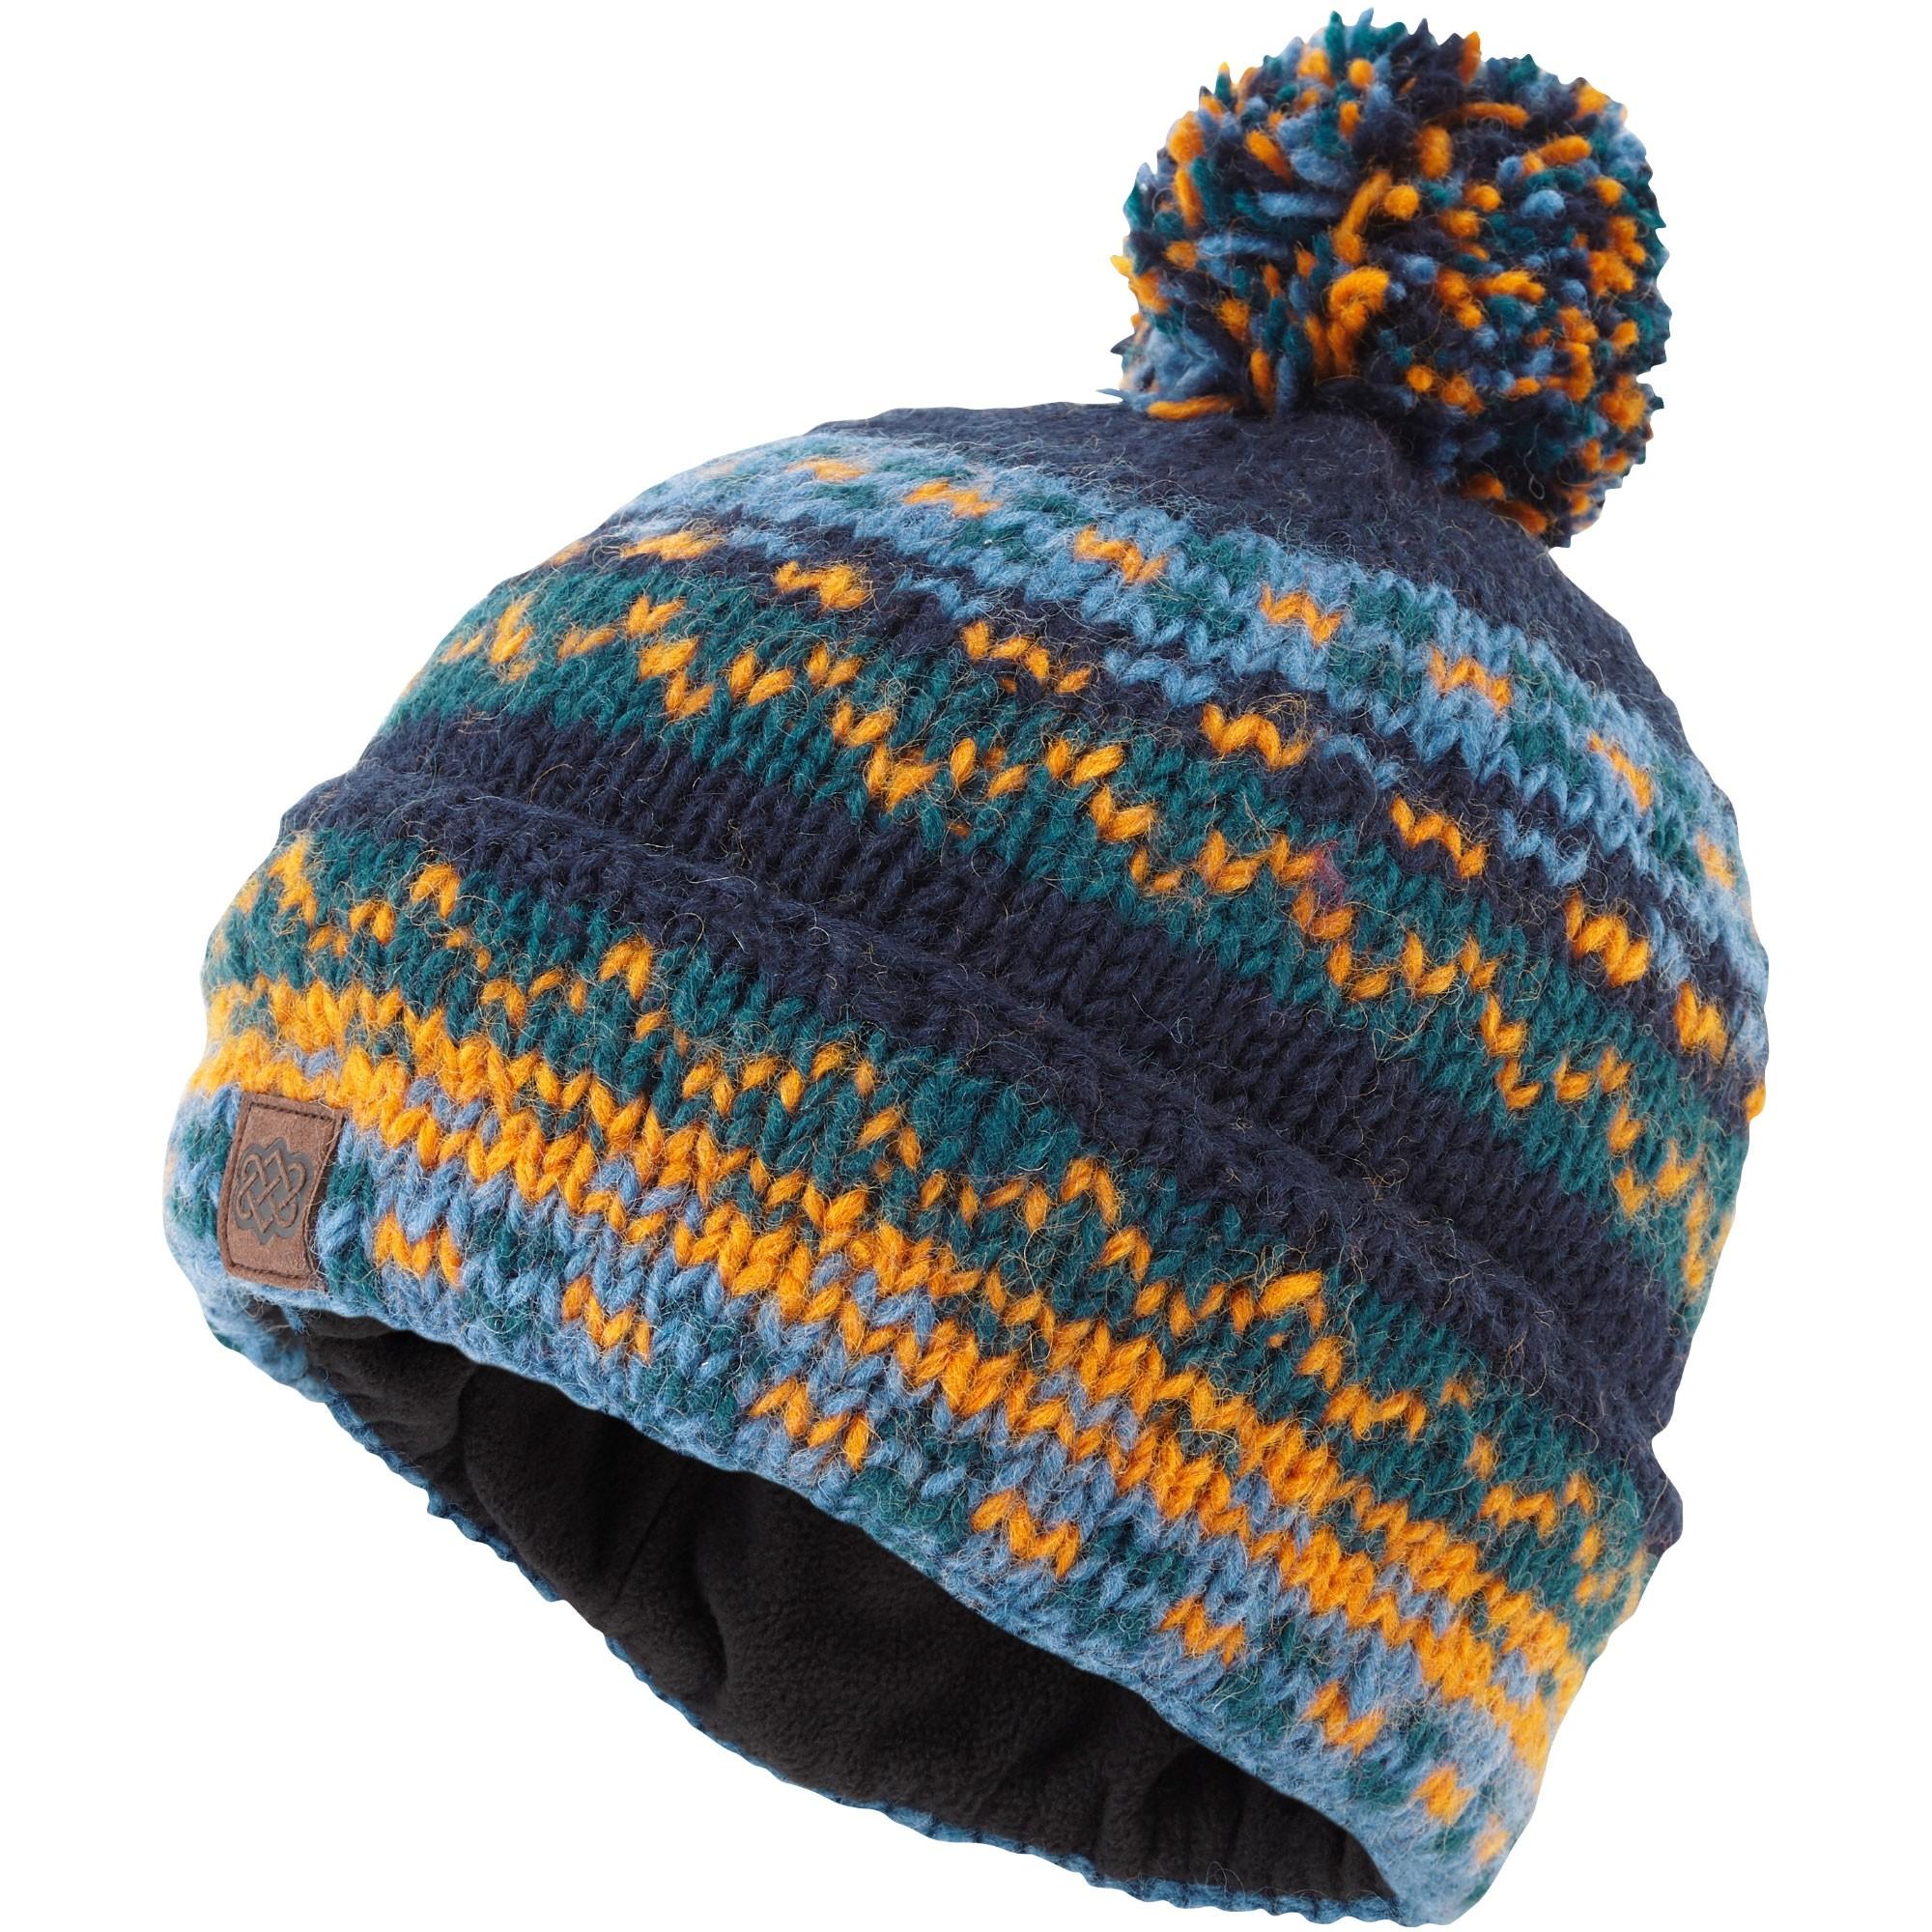 Sherpa Sabi Hat - Rathee